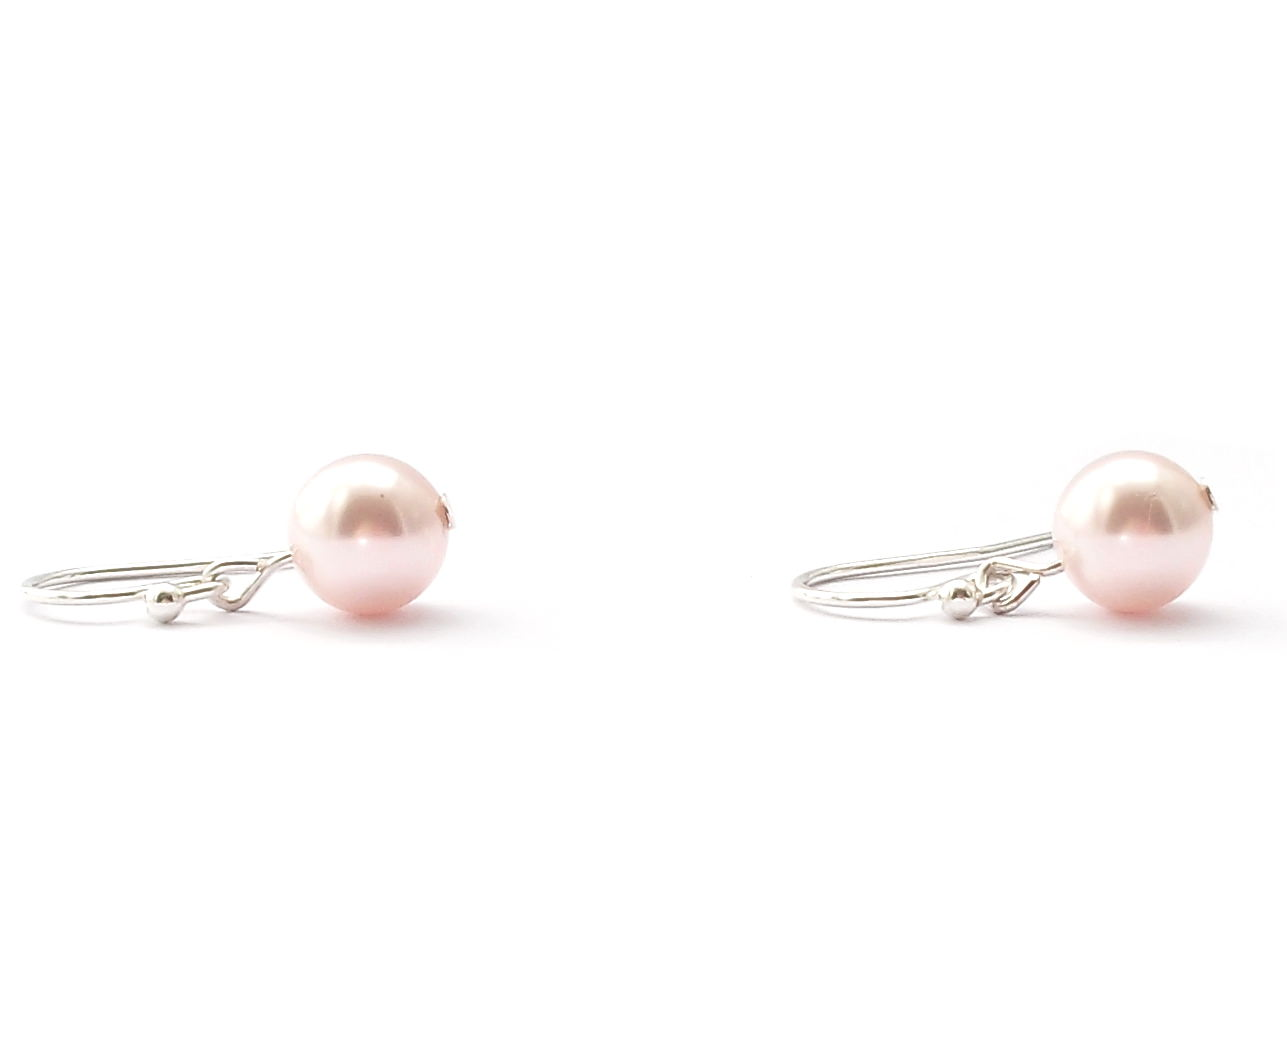 Echt 925 Sterling Silber Runde Perlen Box Kette Armbänder für Damen Edel Schmuck